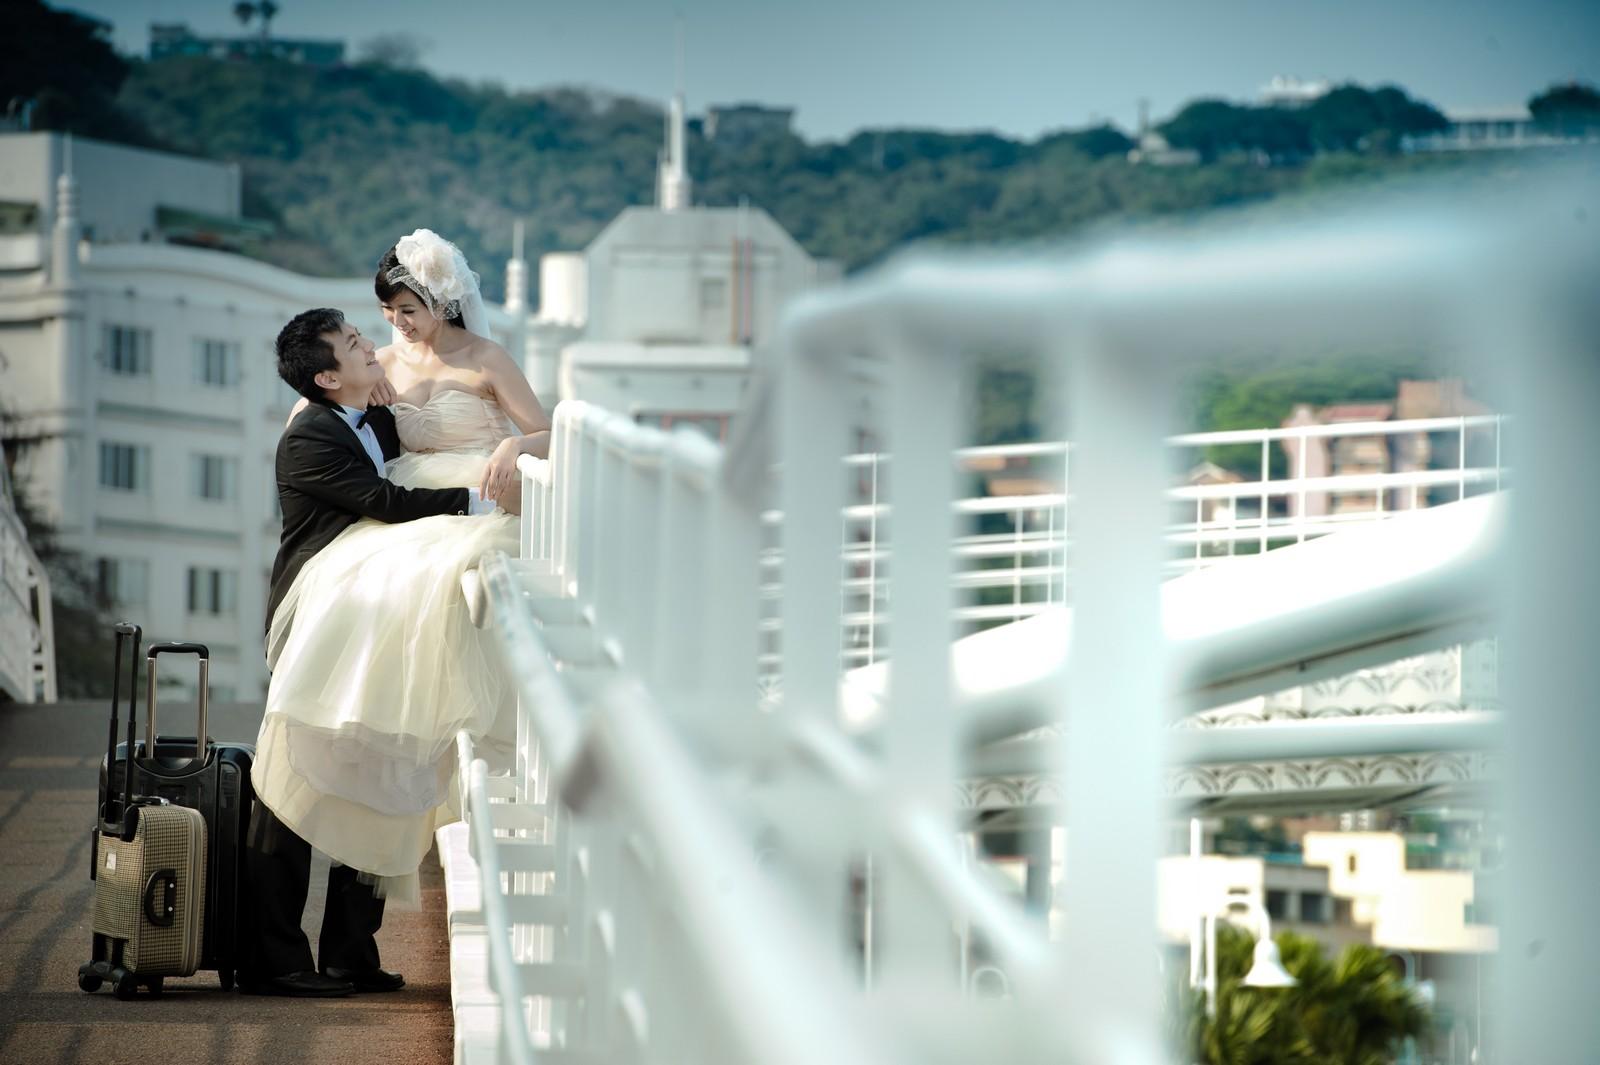 婚紗攝影,婚紗照,婚紗照風格,自助婚紗